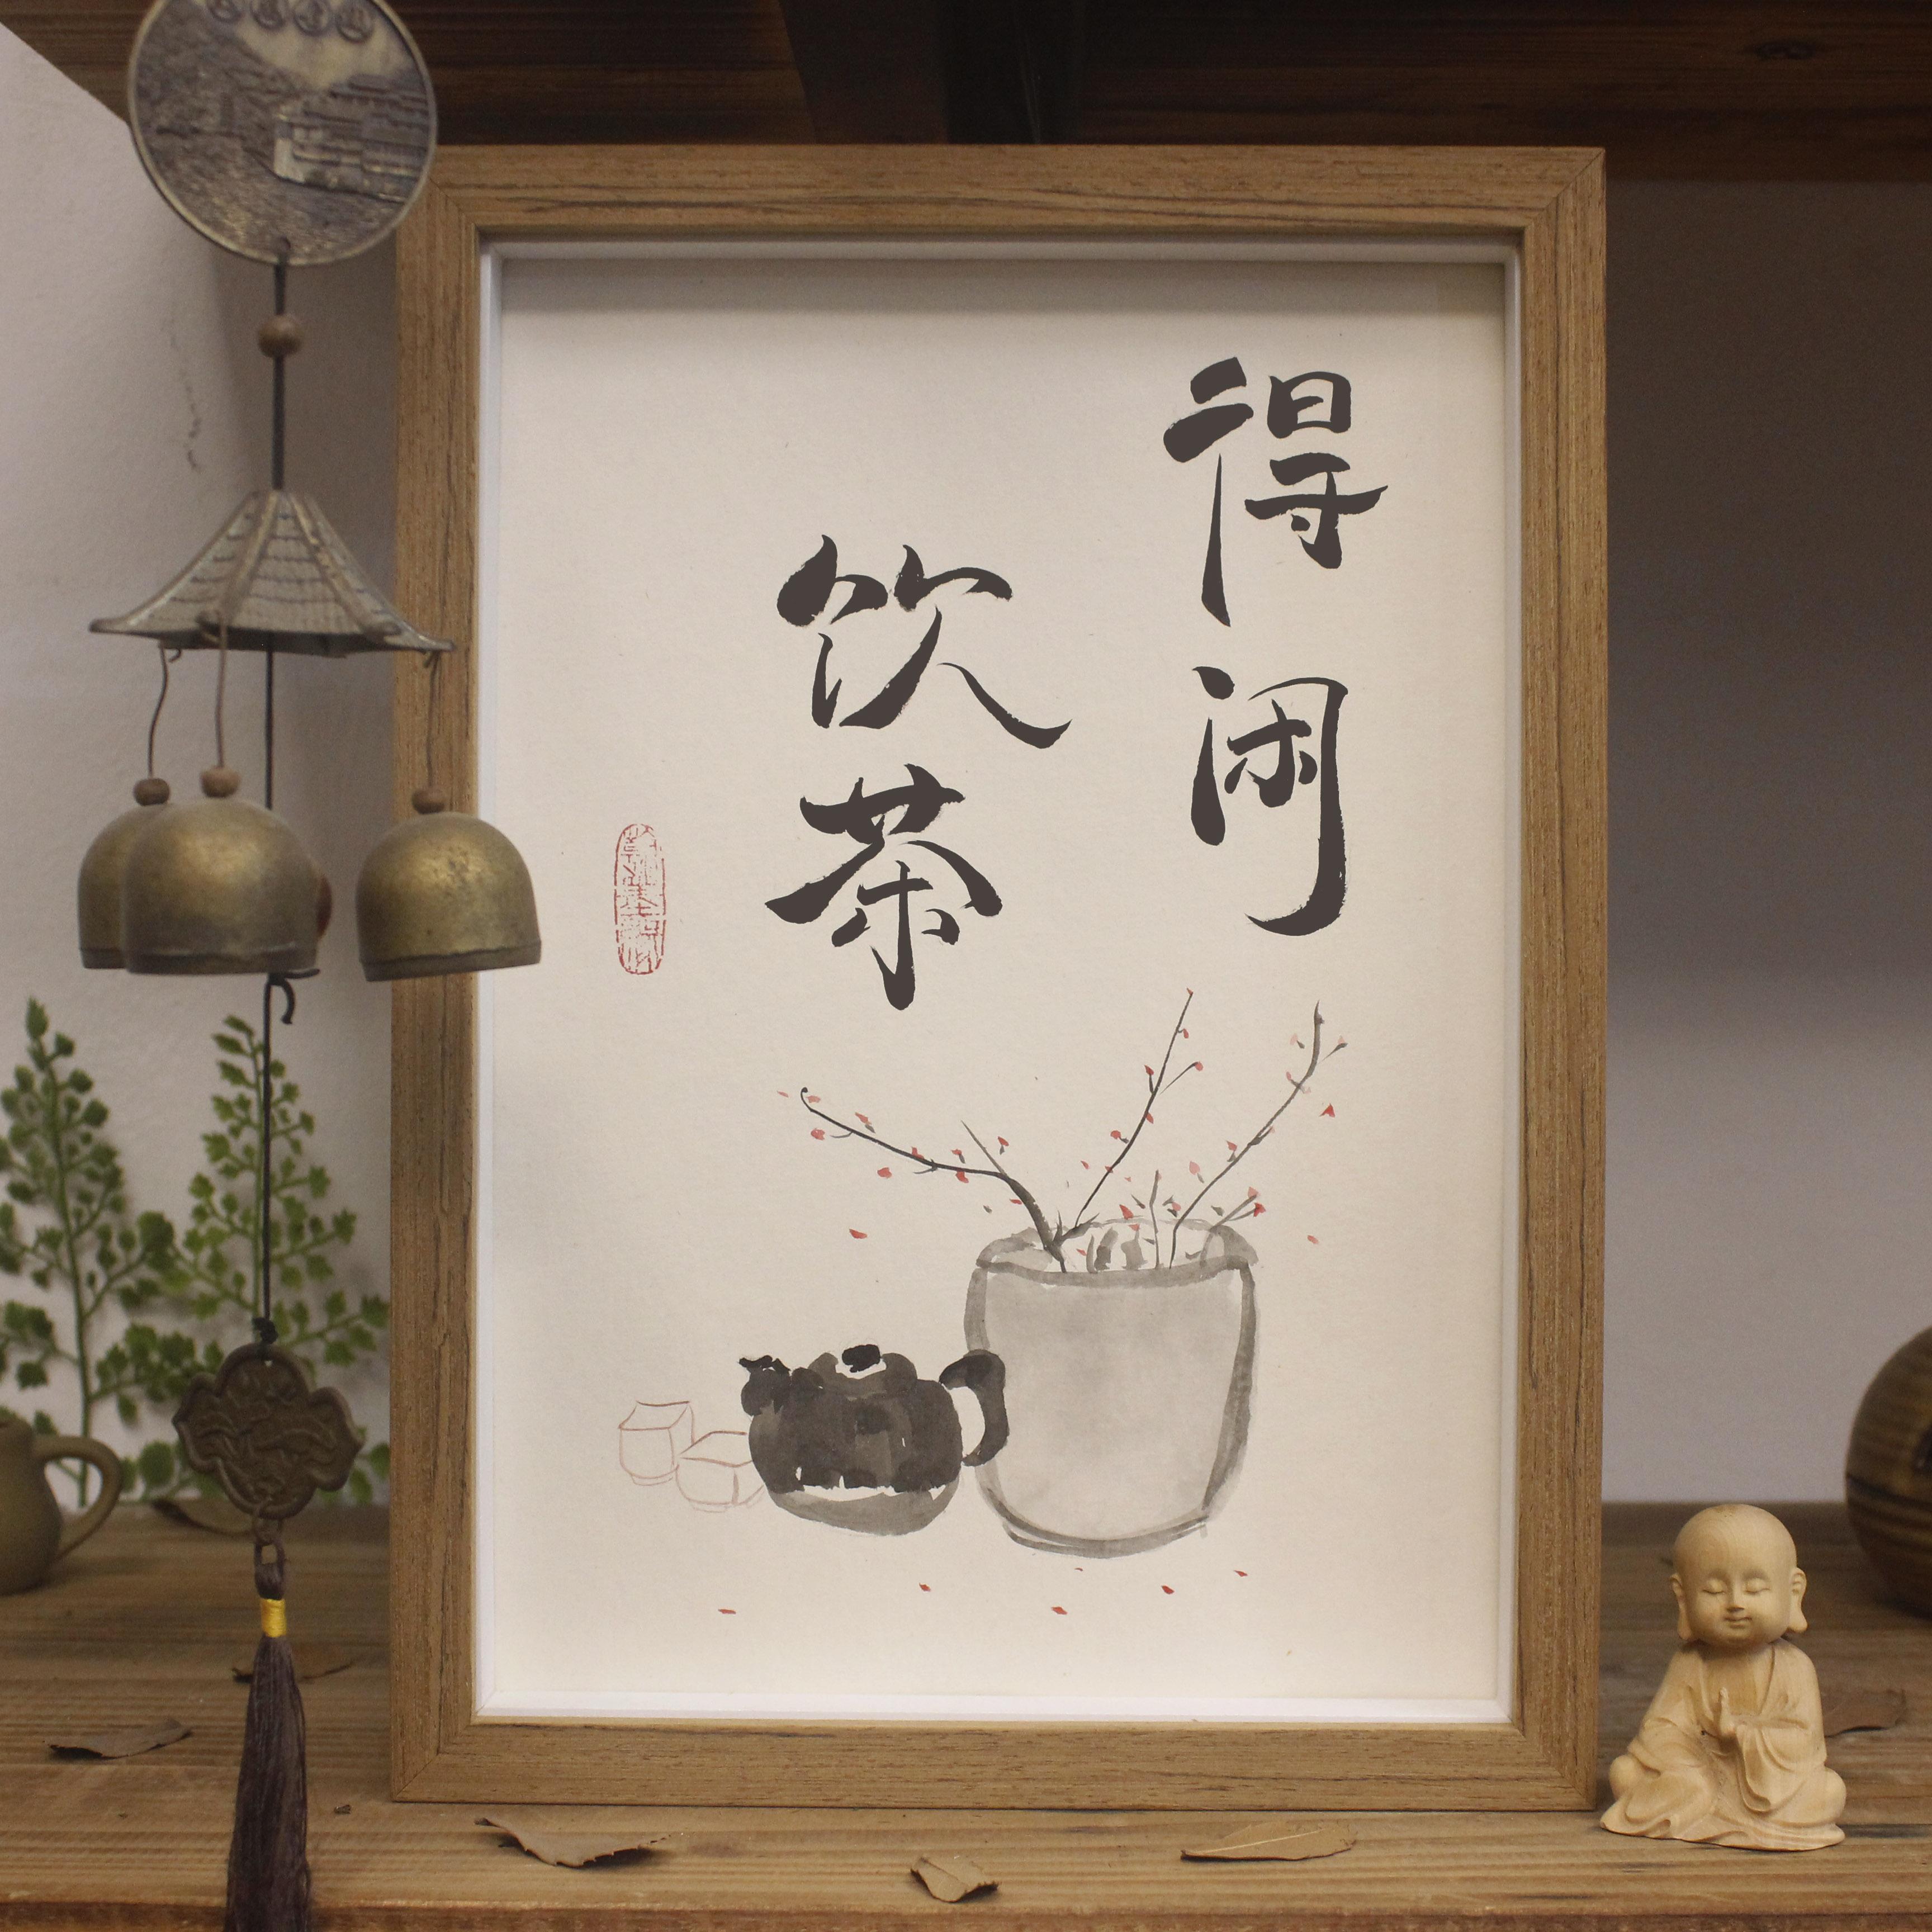 書法手寫真跡勵志座右銘擺臺個姓禮物得閑飲茶桌上電箱字掛畫